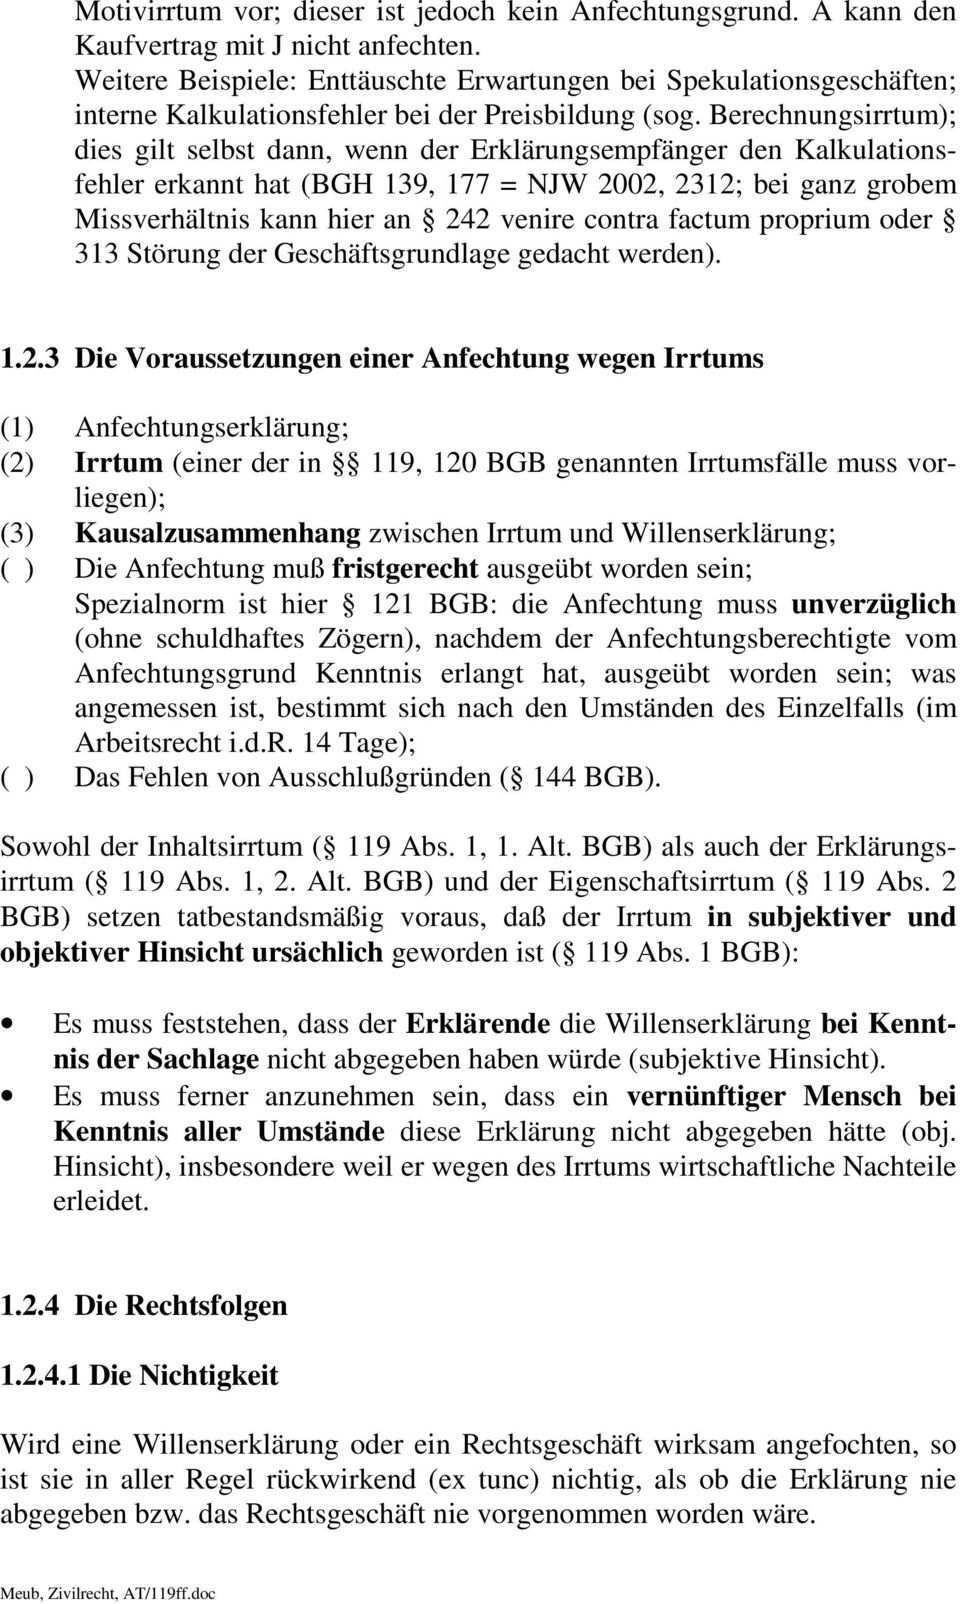 11 Anfechtung Einer Willenserklarung Irrtum Arglist Verstoss Gegen Ein Gesetzliches Verbot Sittenwidrigkeit Und Nichtigkeit Pdf Kostenfreier Download